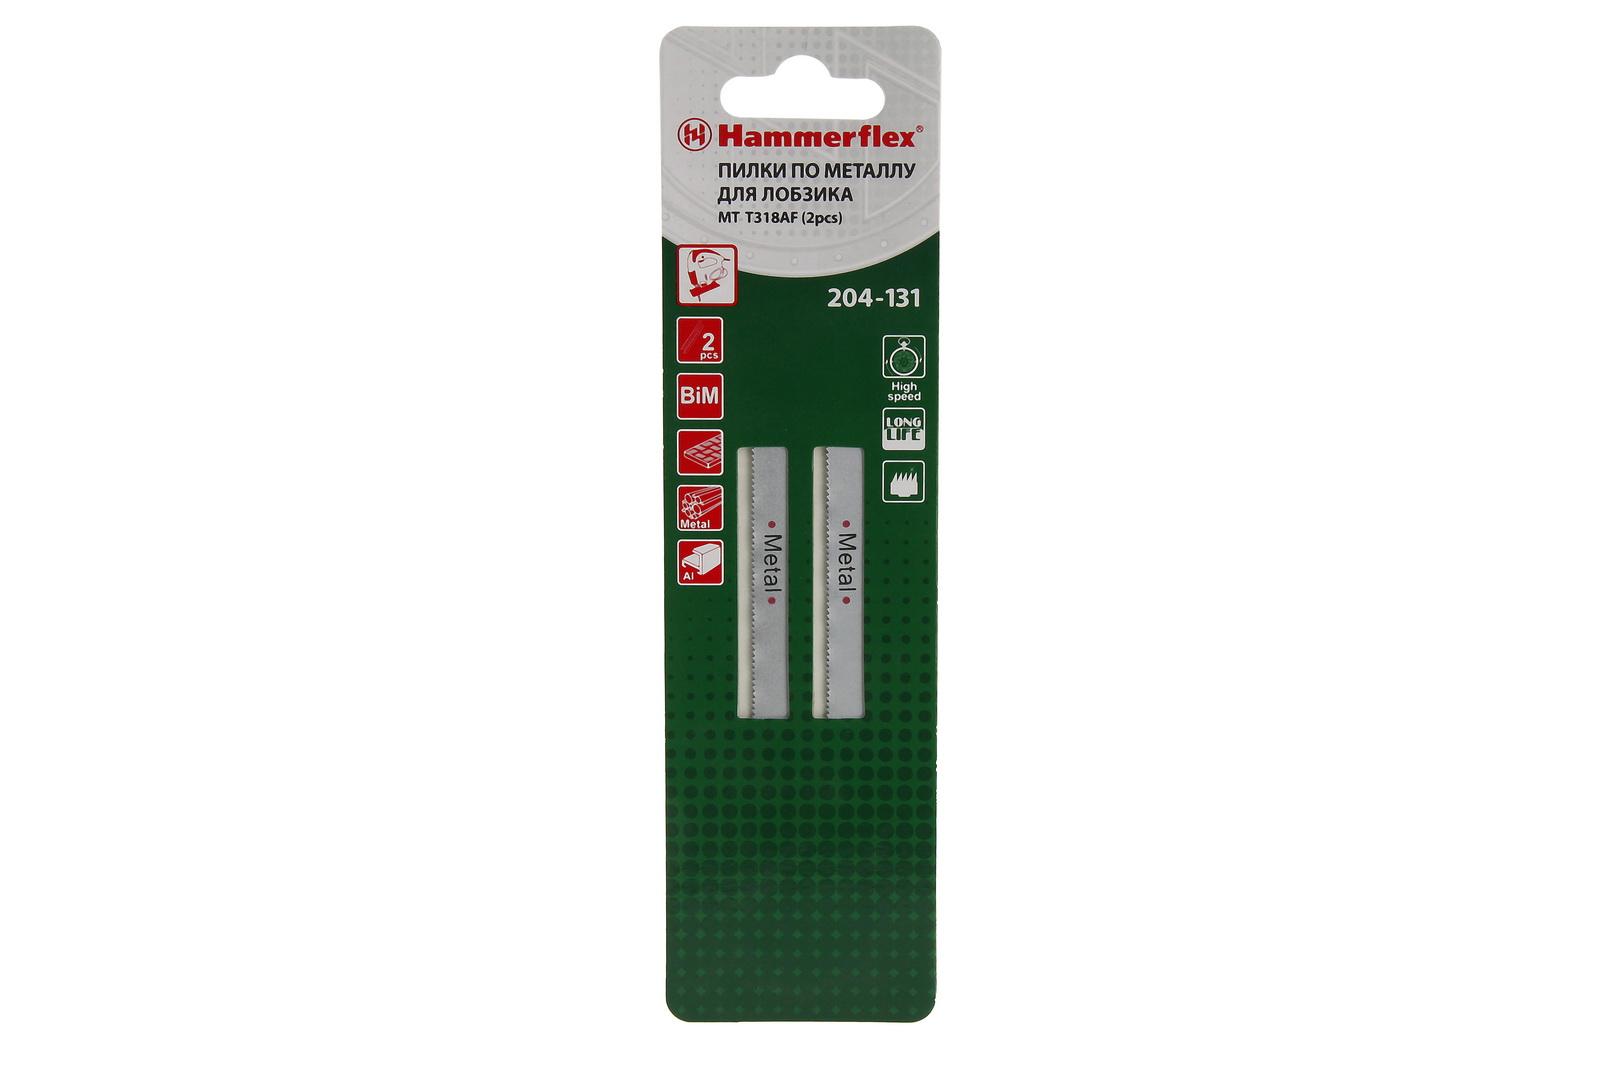 Пилки для лобзика Hammer 204-131 jg mt t318af (2 шт.) пилки для лобзика по металлу для прямых пропилов bosch t118a 1 3 мм 5 шт